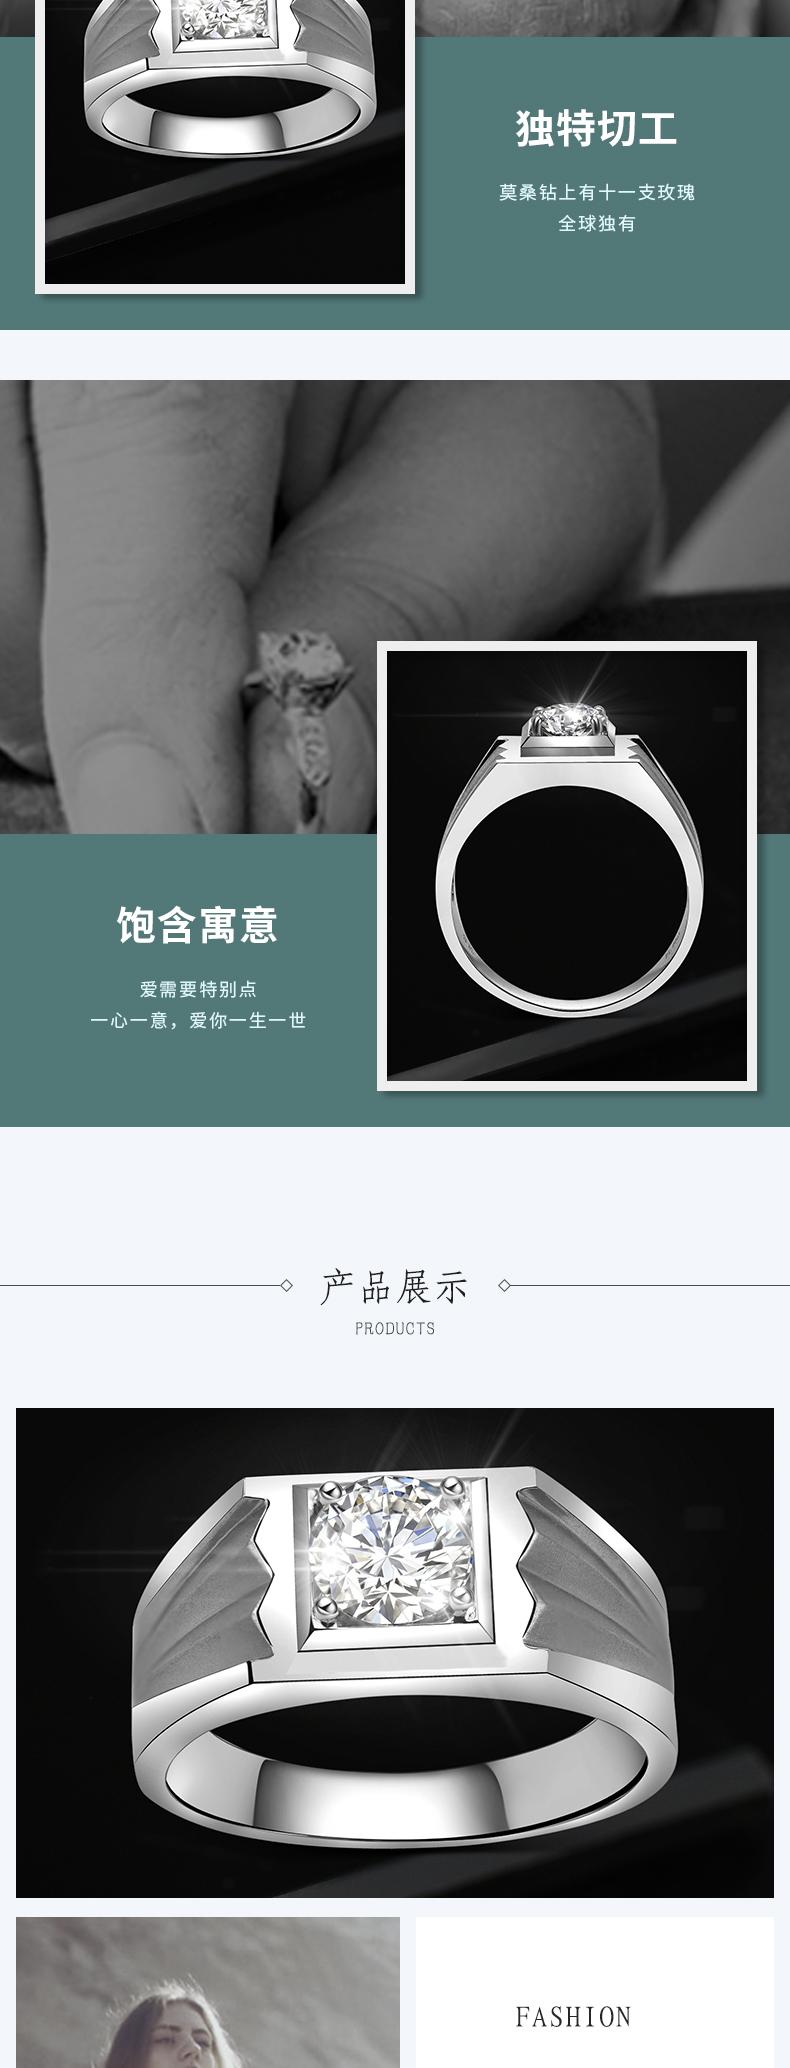 钻石详情_03.jpg